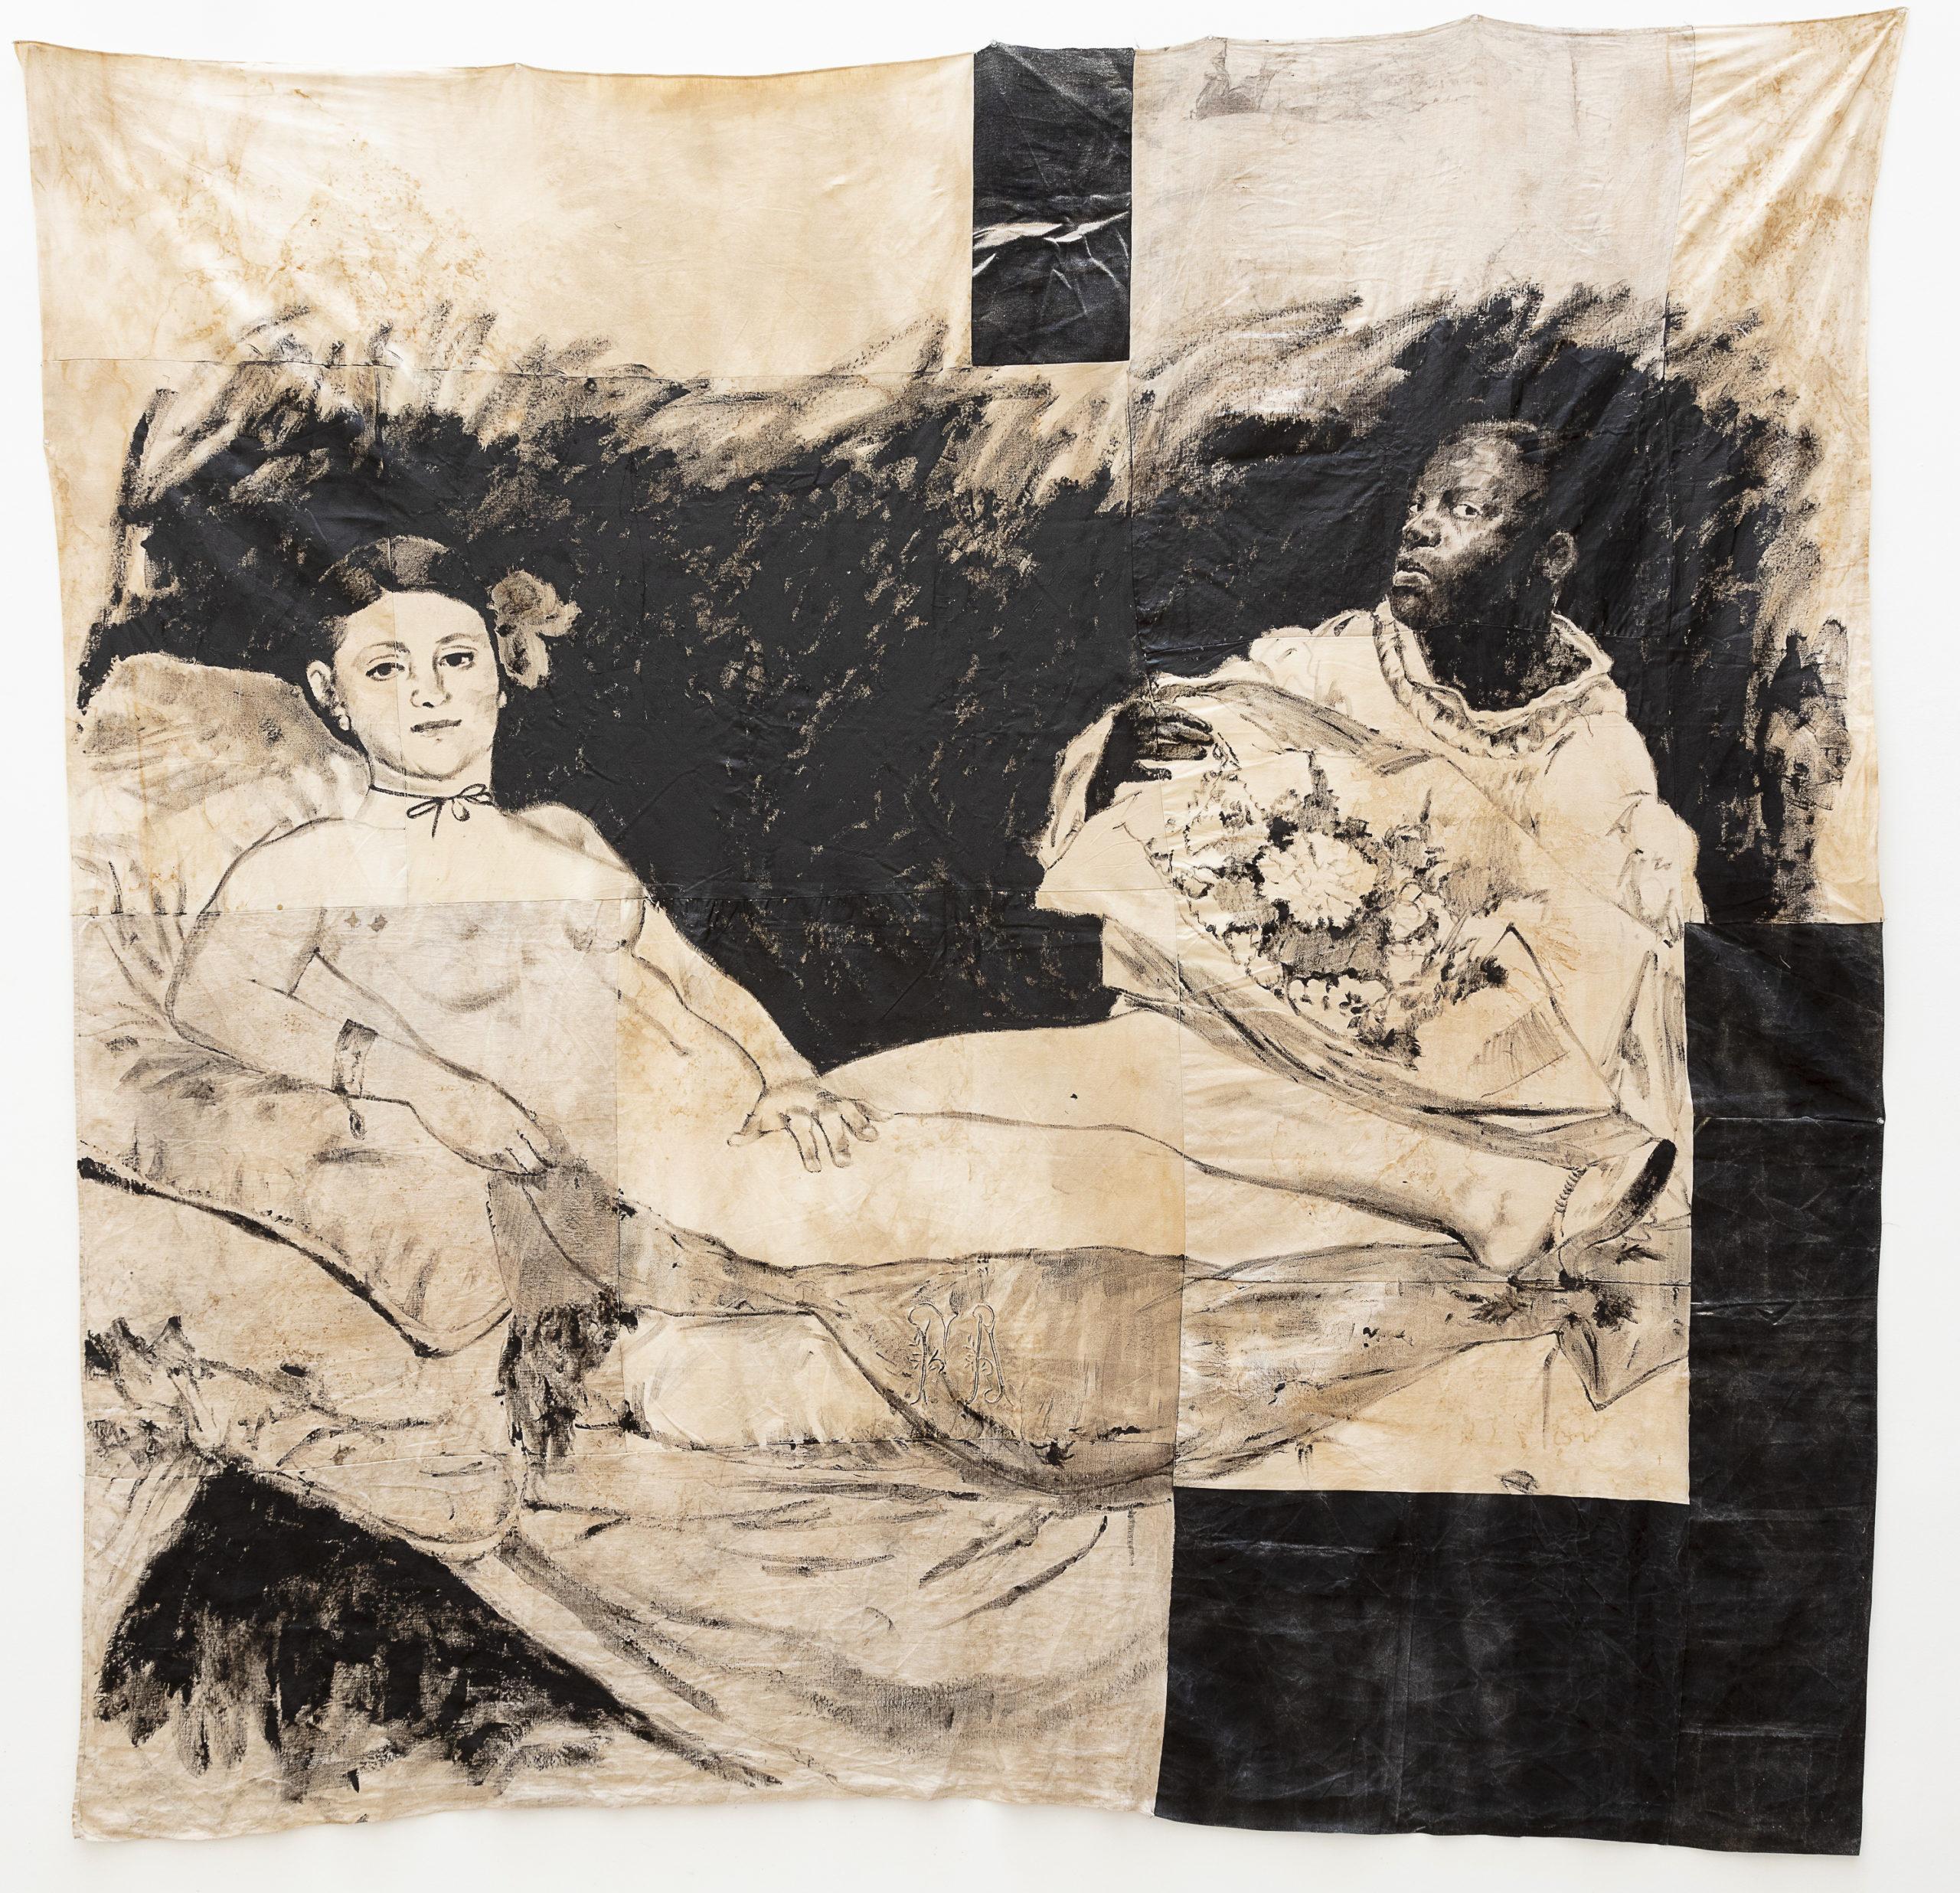 ROMÉO MIVEKANNIN Série Le Modèle Noir, Olympia d'après Manet, 2020,  Acrylique, bains d'élixir sur toile libre,  260 x 260 cm. Collection privée  Courtesy galerie Eric Dupont, Paris.